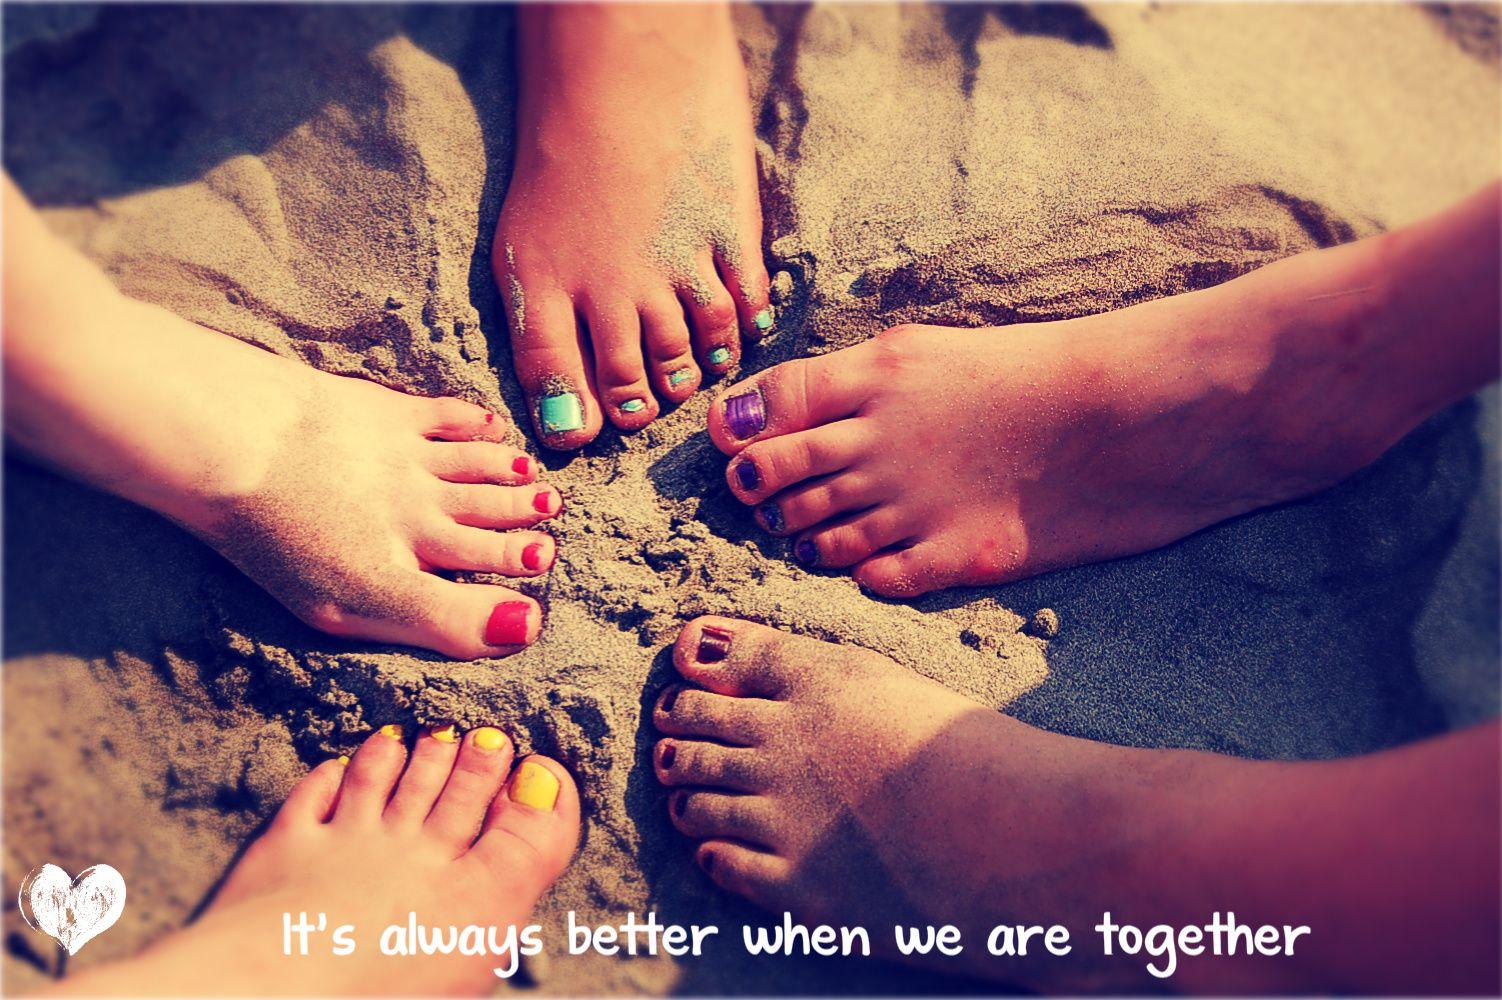 #sparklingfriendship